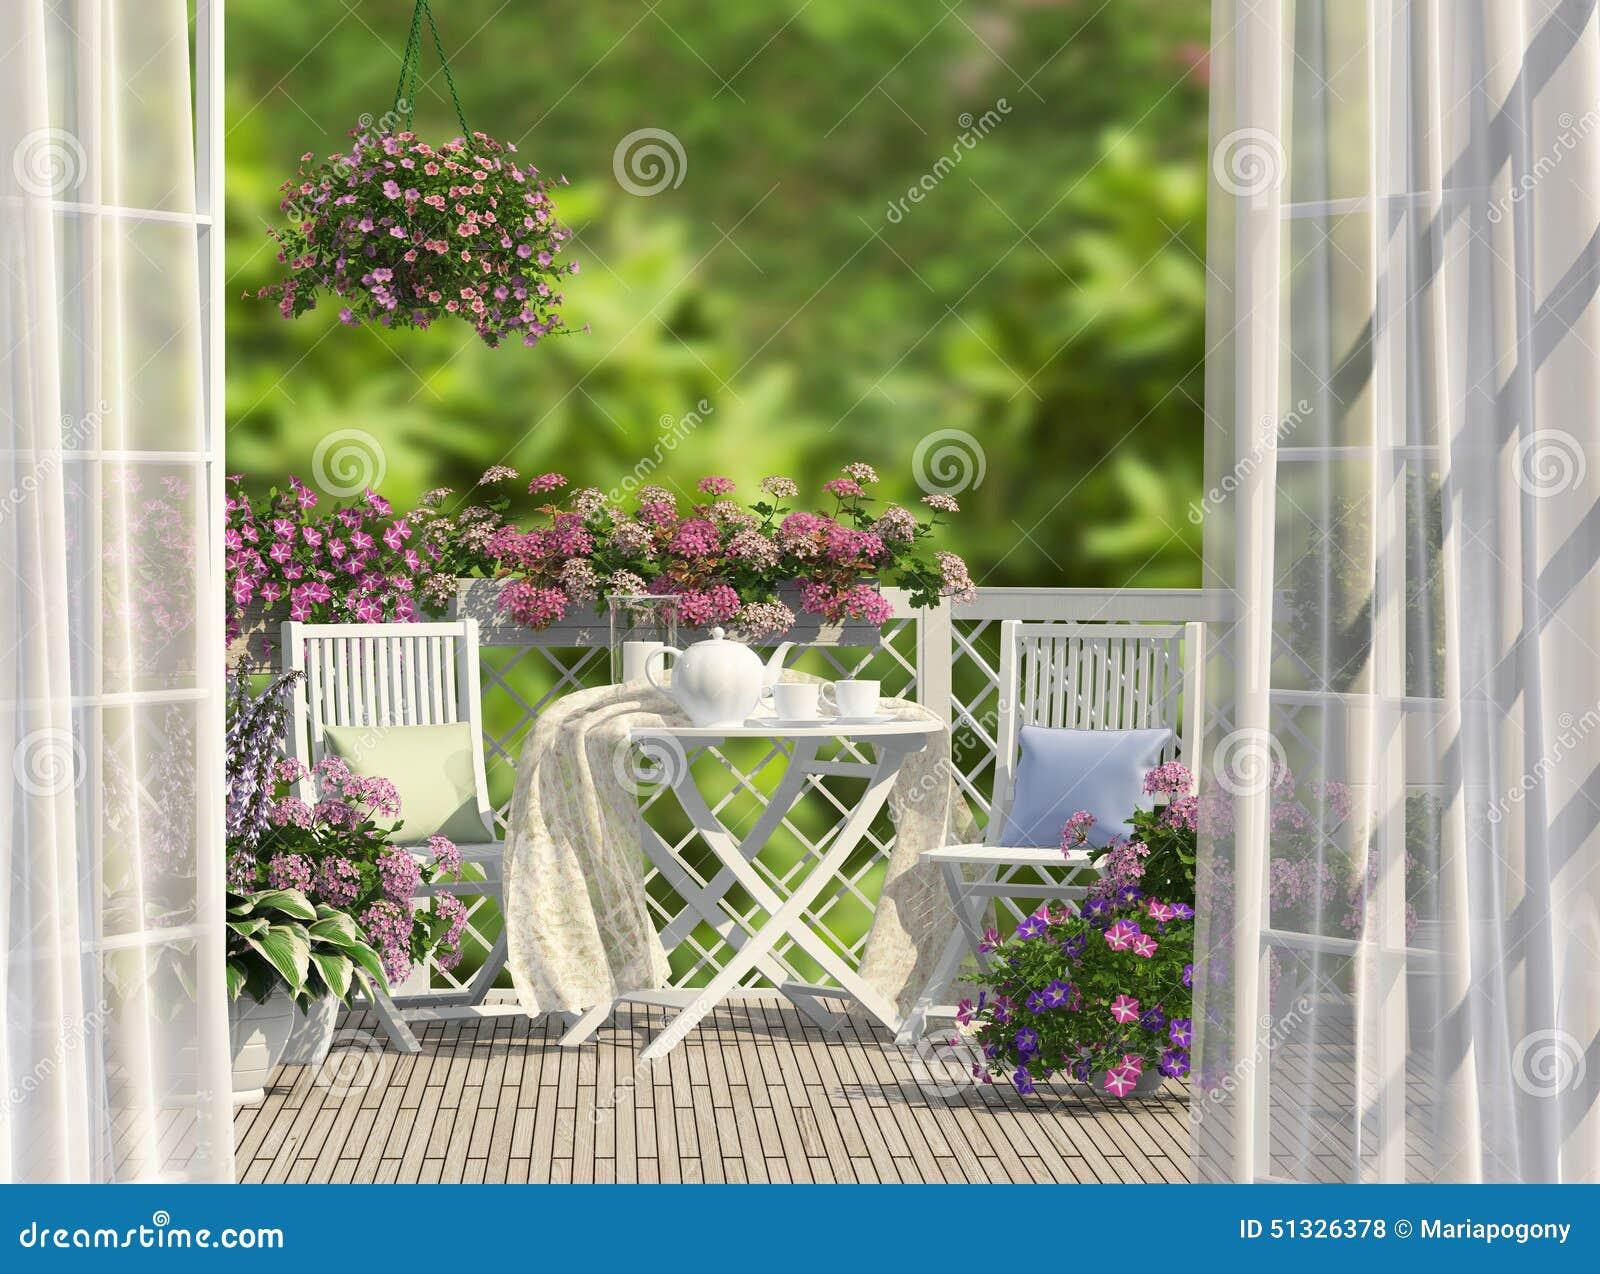 Balkon Und Blumen Stockfoto Bild Von Land Leuchte Grun 51326378